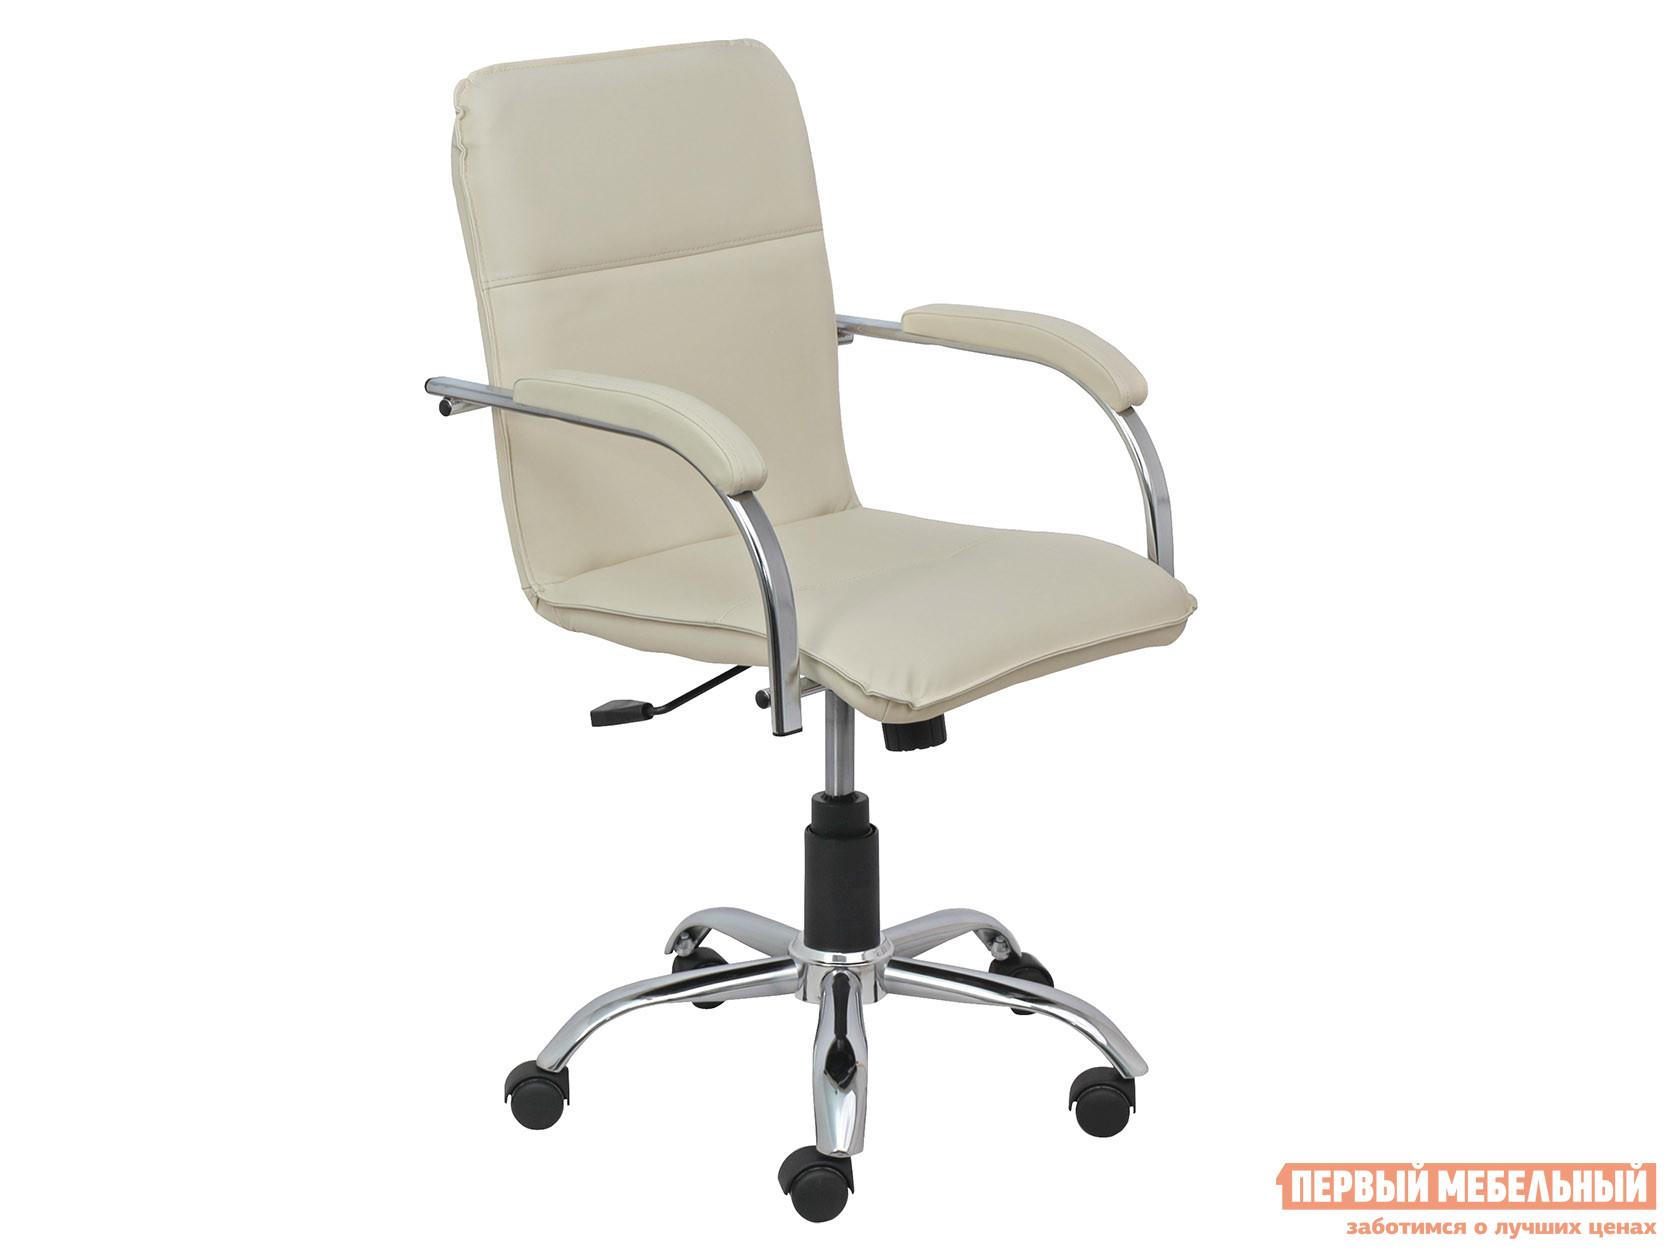 Офисное кресло  SAMBA AKS-2 Кремовый, экокожа, Мягкие Базистрейд 137641